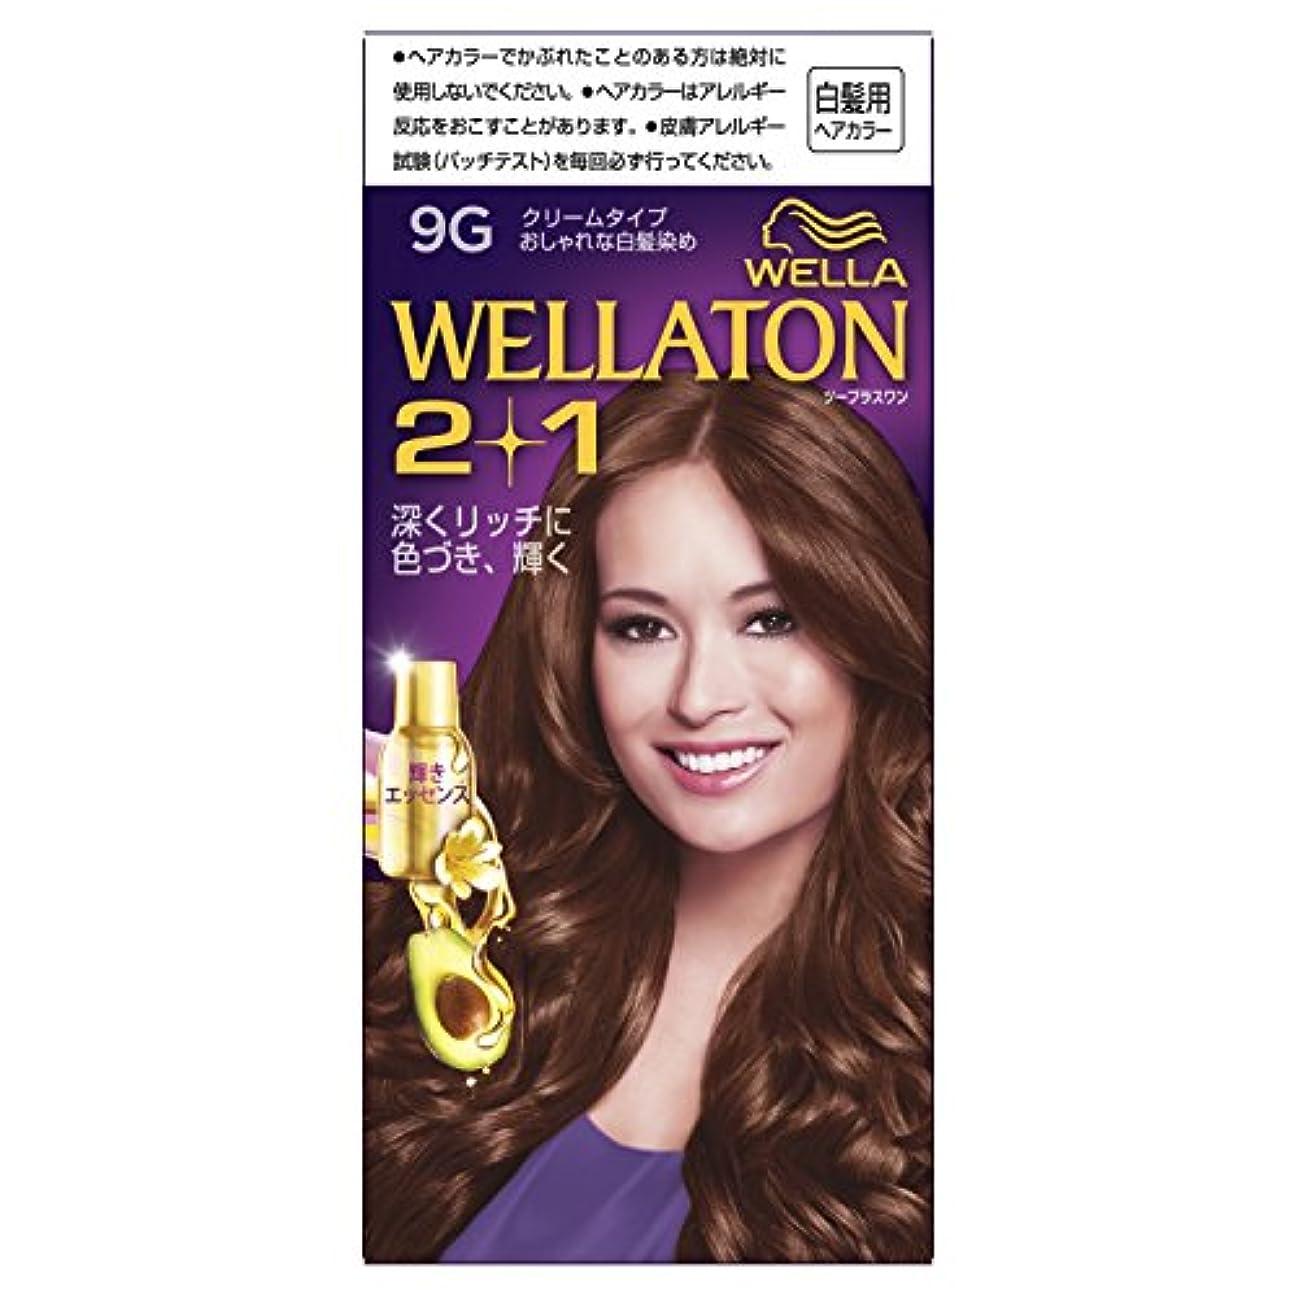 アンペア水没曖昧なウエラトーン2+1 クリームタイプ 9G [医薬部外品](おしゃれな白髪染め)